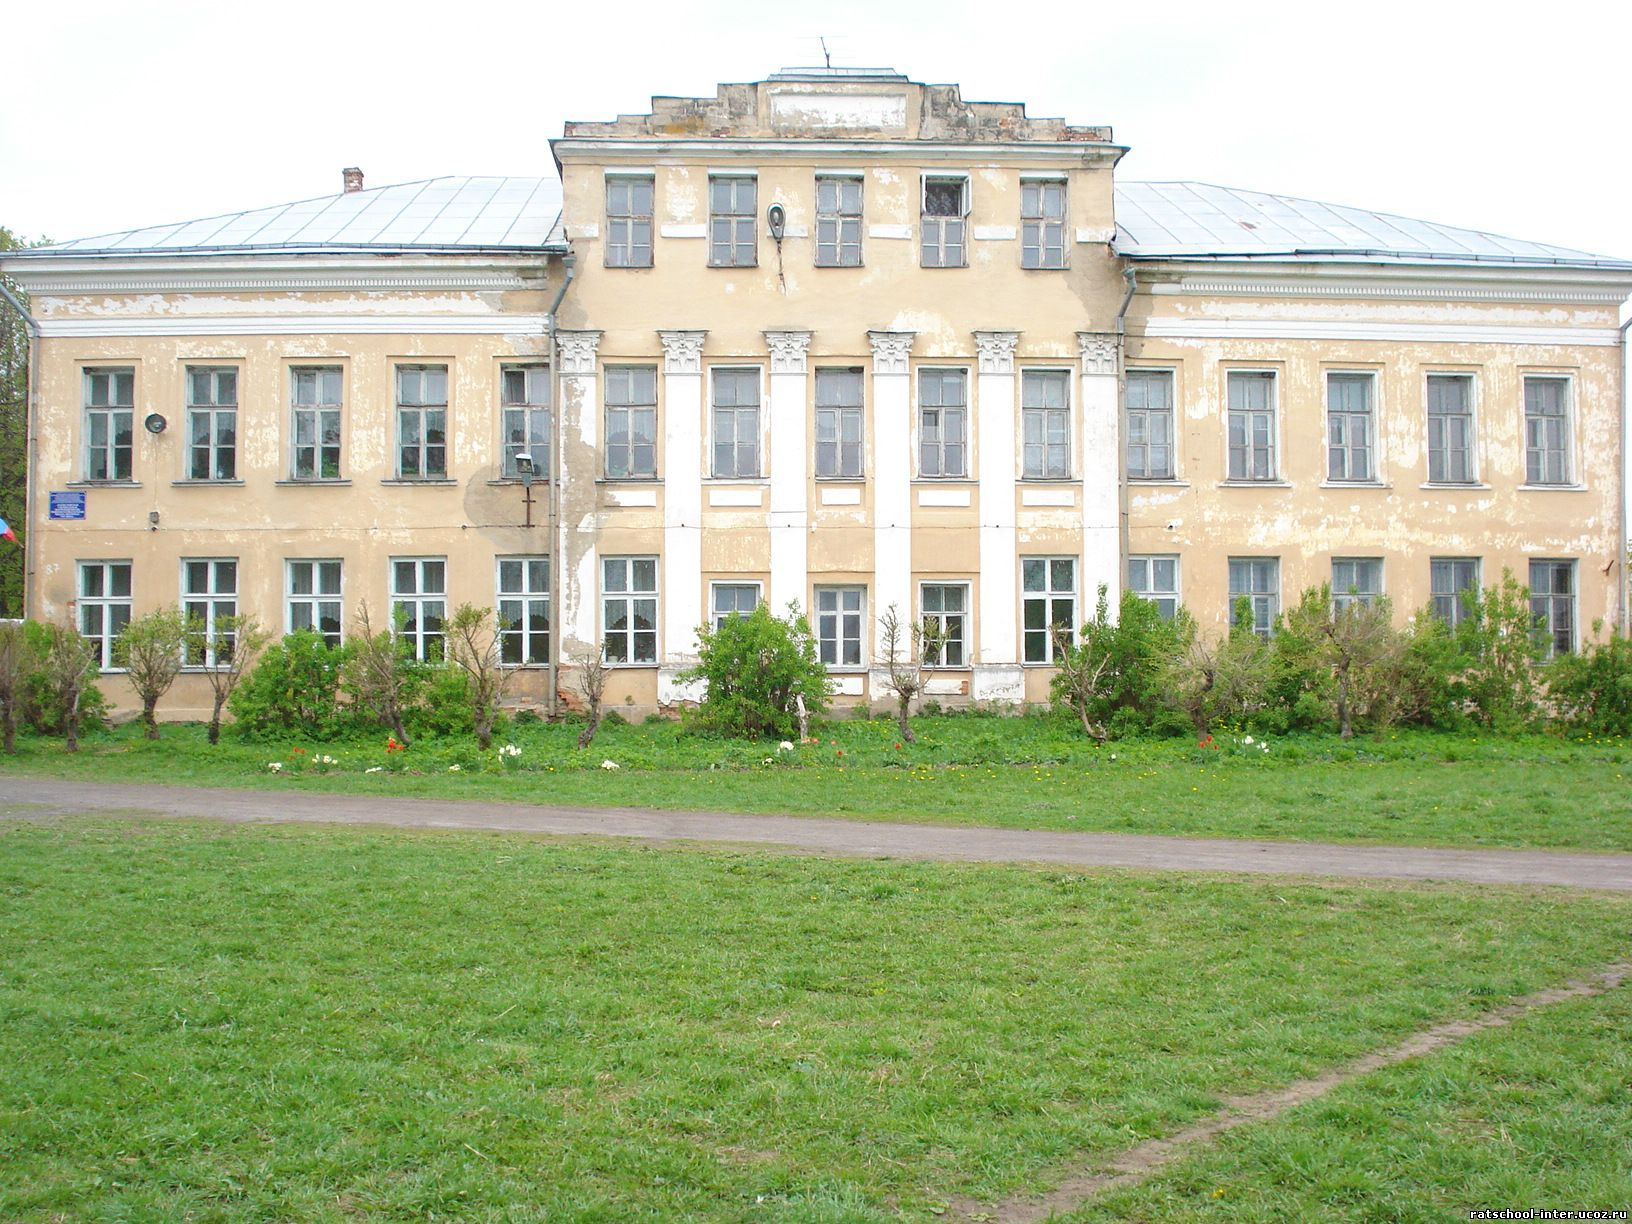 Ратисловская школа-интернат